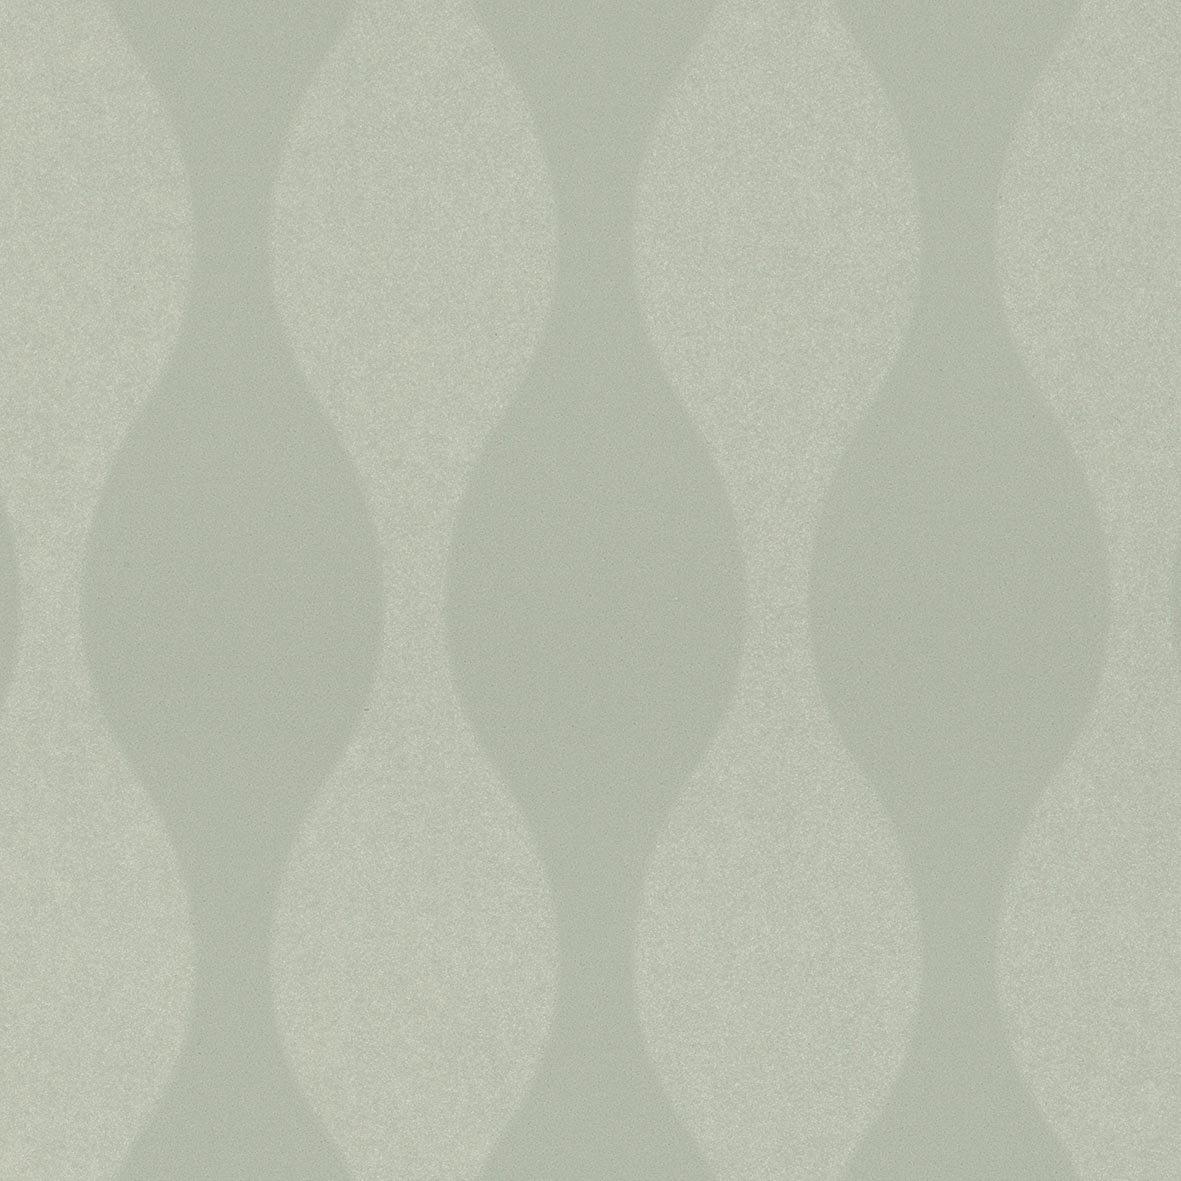 リリカラ 壁紙48m モダン 和文様 グリーン kioi LW-2474 B07612FQ92 48m|グリーン